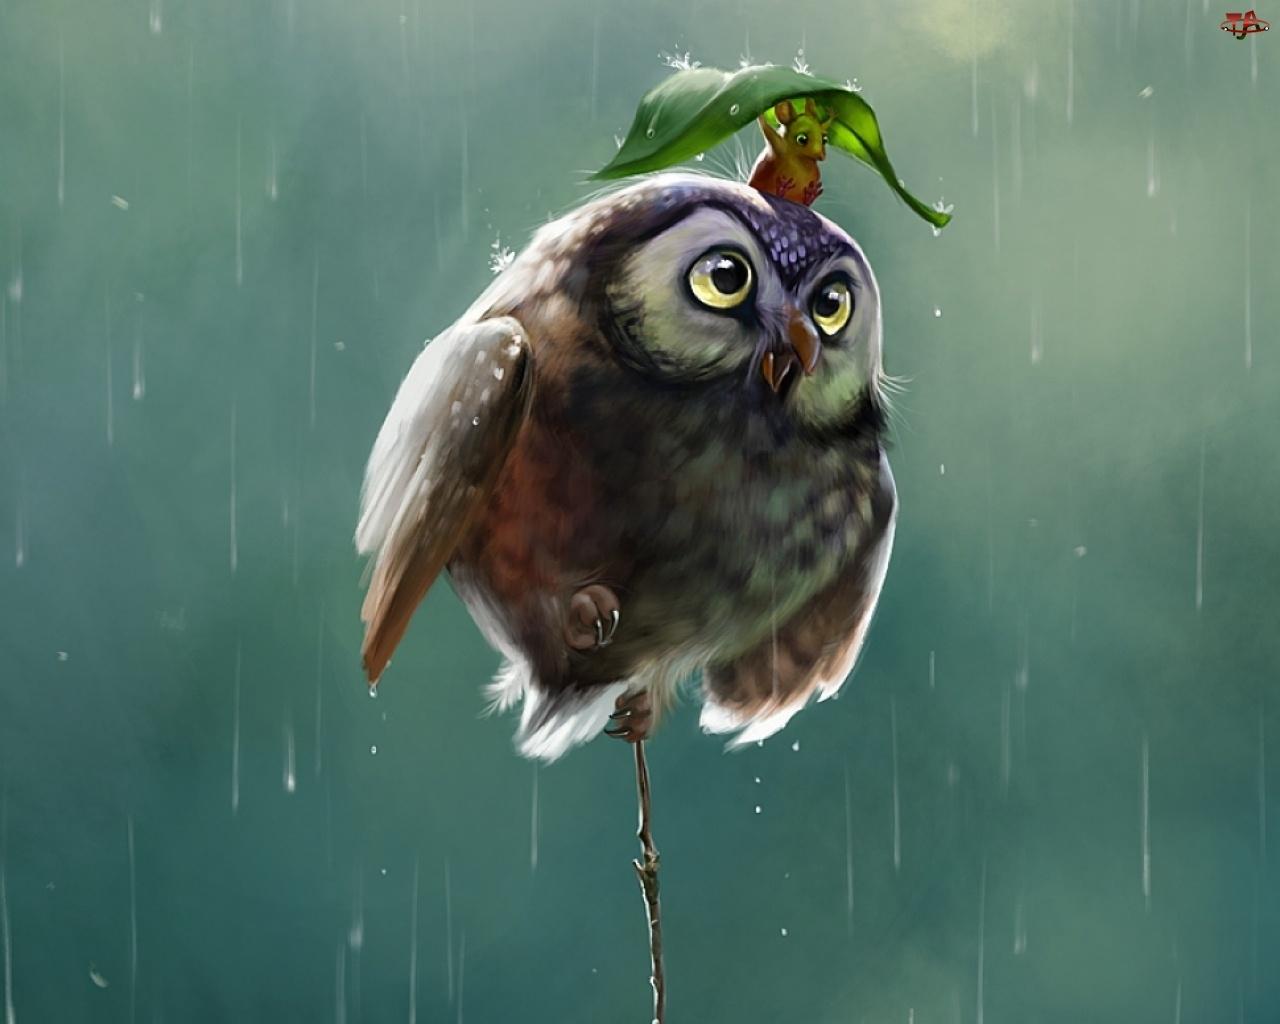 Deszcz, Sowa, Myszka